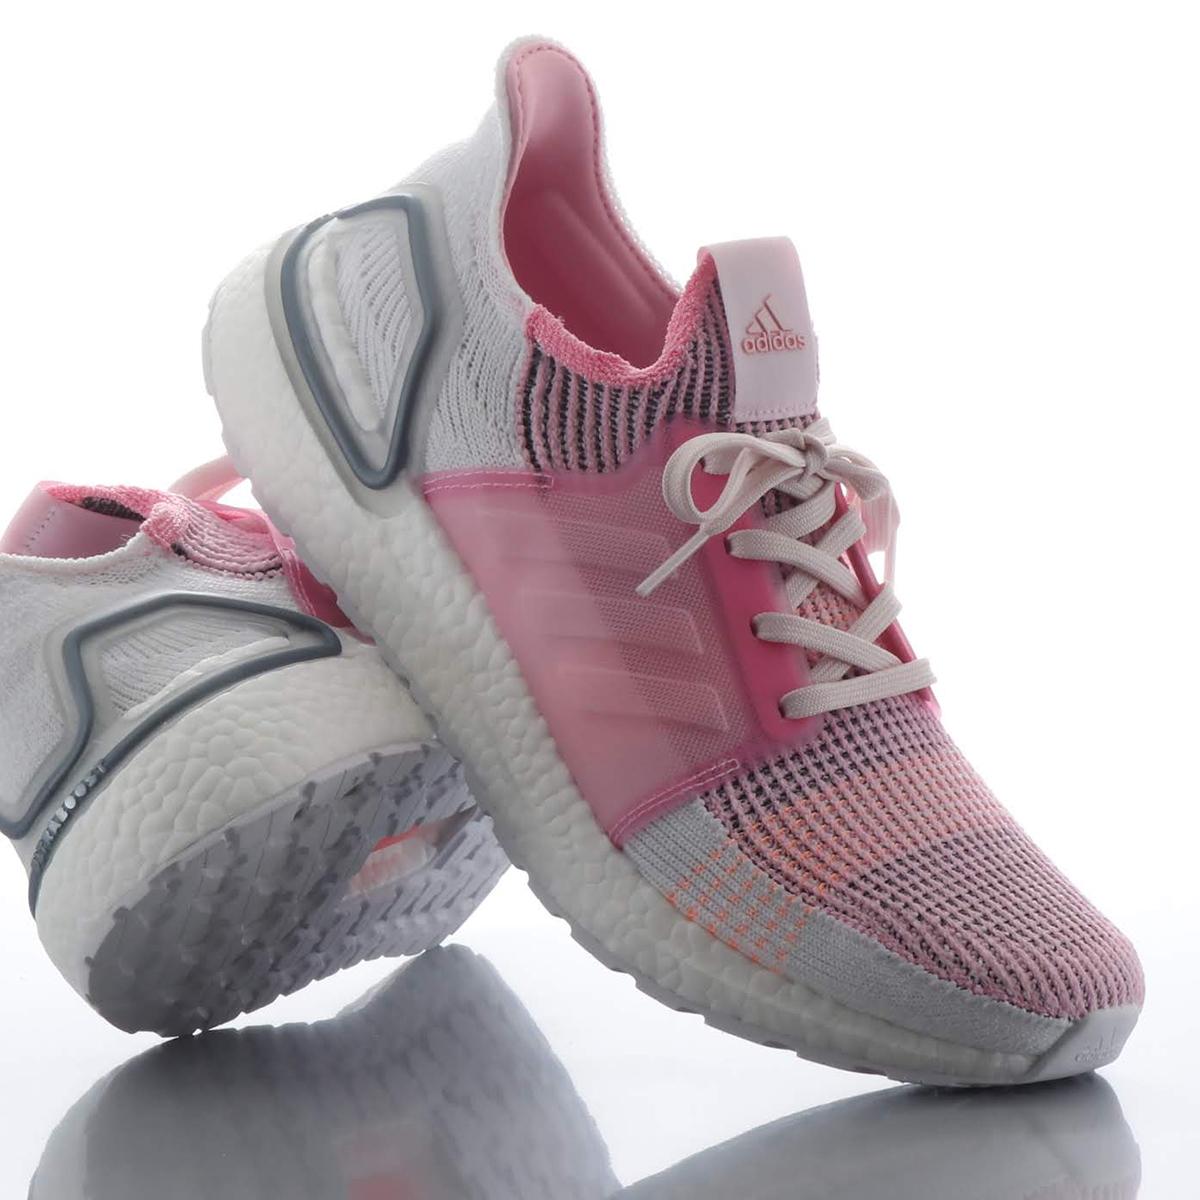 Ultra Boost 2019 WMNS True PinkOrchid Tint Sneakers F35283